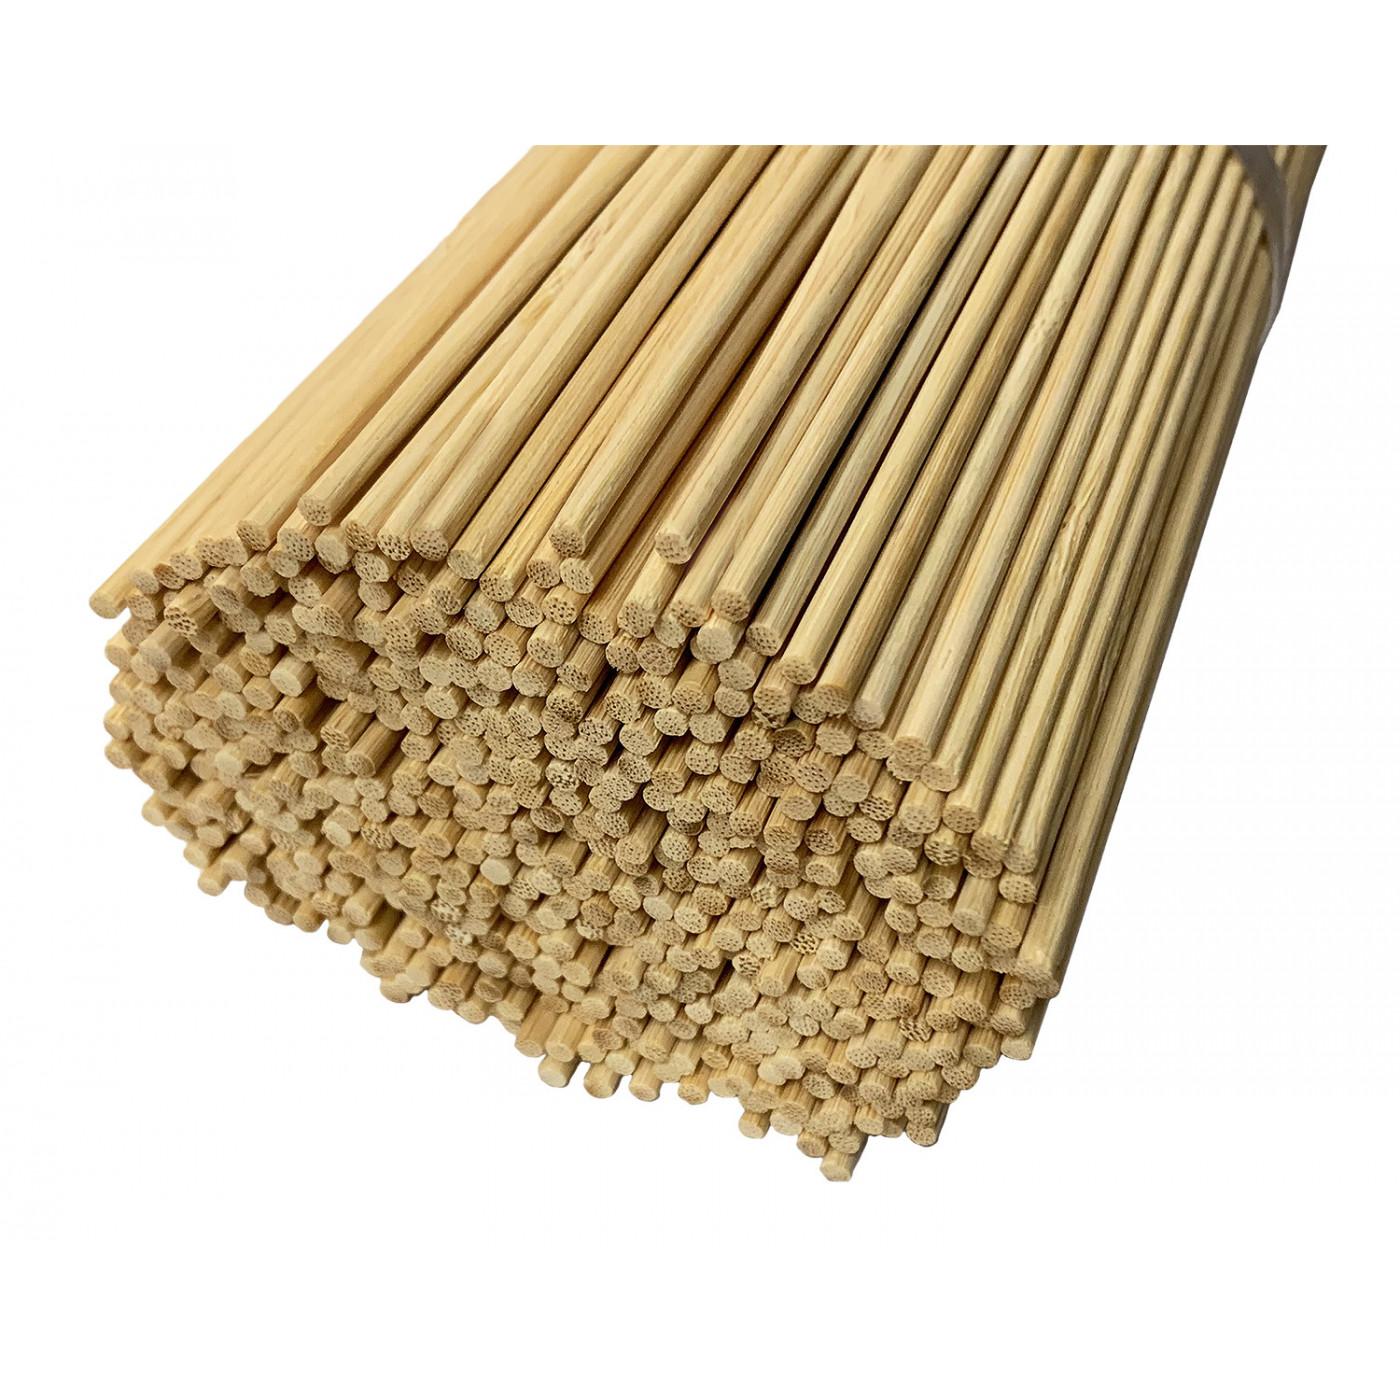 Set van 500 bamboe stokken (3 mm x 50 cm, gepunt aan 1 zijde)  - 1